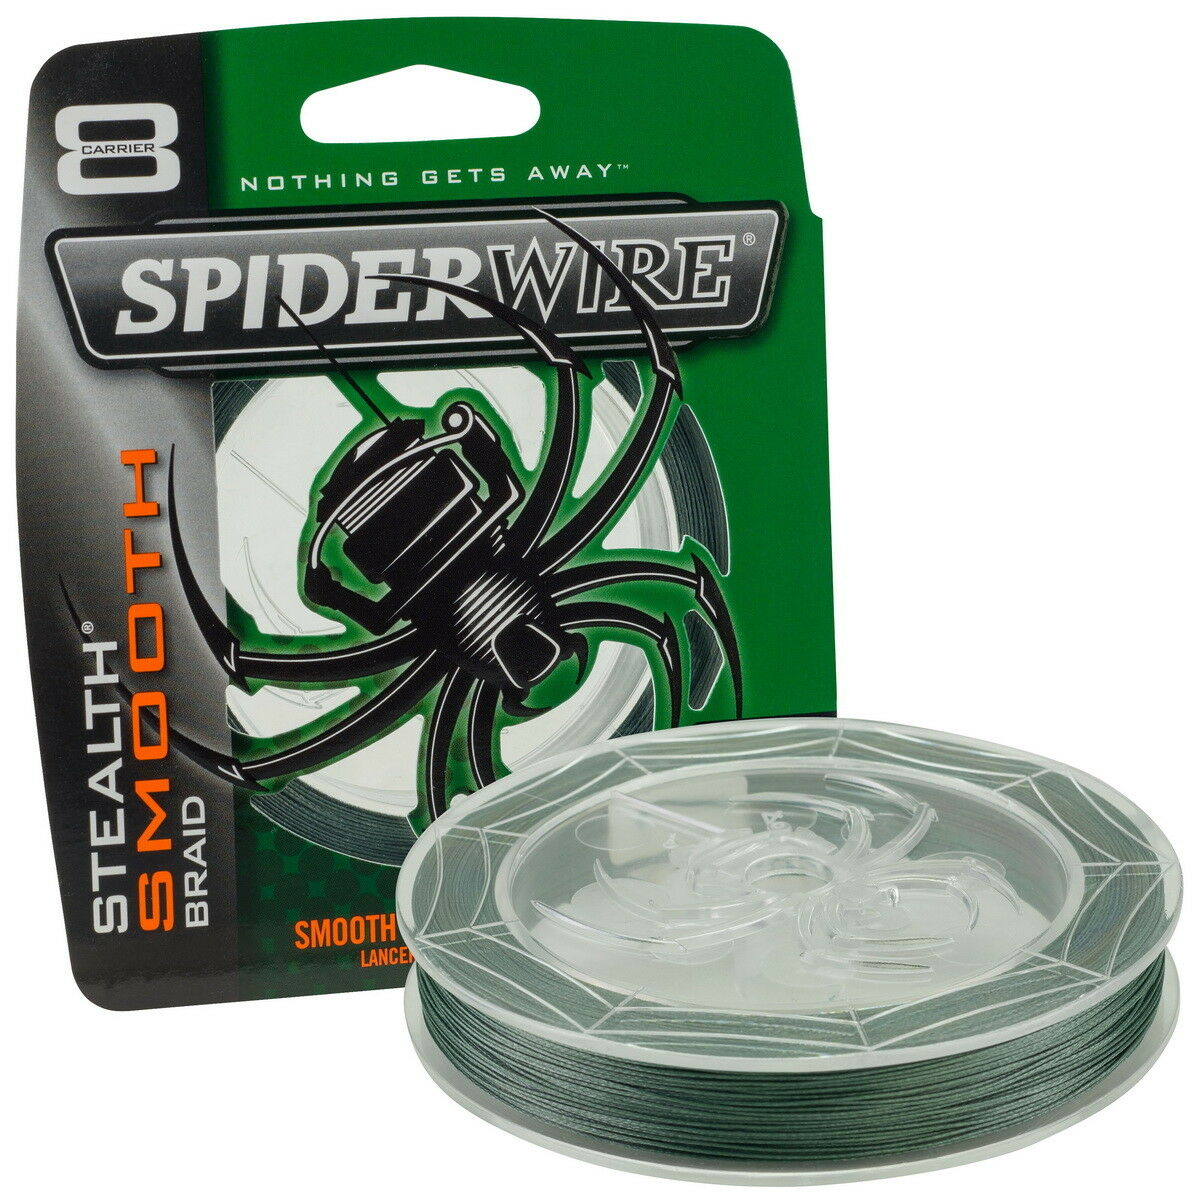 SpiderWire Stealth Smooth 8 Moss Grün 0,12 mm 3000 m, m, m, geflochtene Angelschnur 12f536